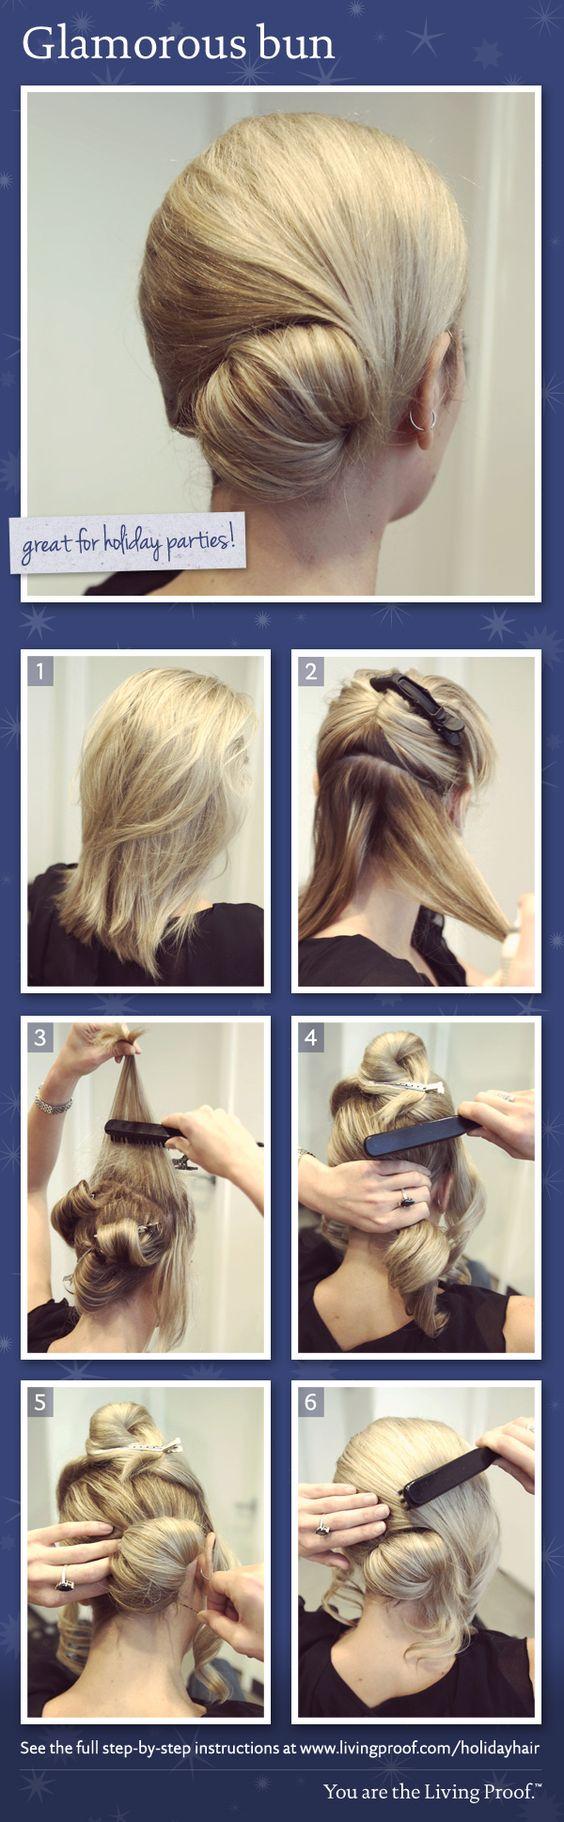 19 Easy Hair Tutorials voor de zomer van 2019 Kapsels  haarzelfstudies